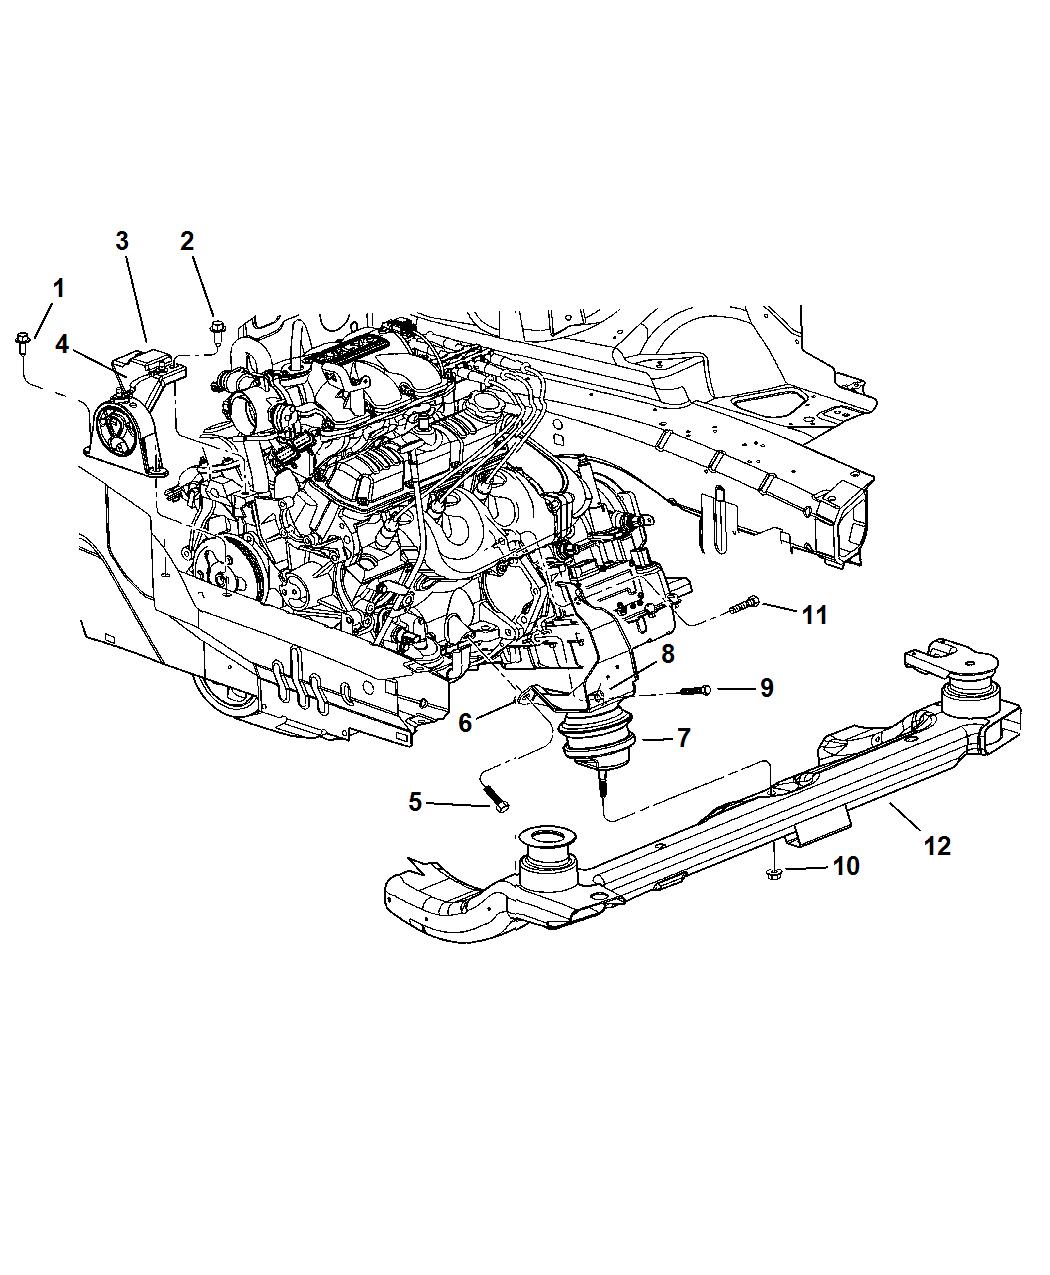 [QMVU_8575]  VS_6500] 2005 Chrysler Pacifica Engine Diagram Wiring Diagram | 05 Chrysler Pacifica Engine Diagram |  | Marki Over Epsy Emba Mohammedshrine Librar Wiring 101